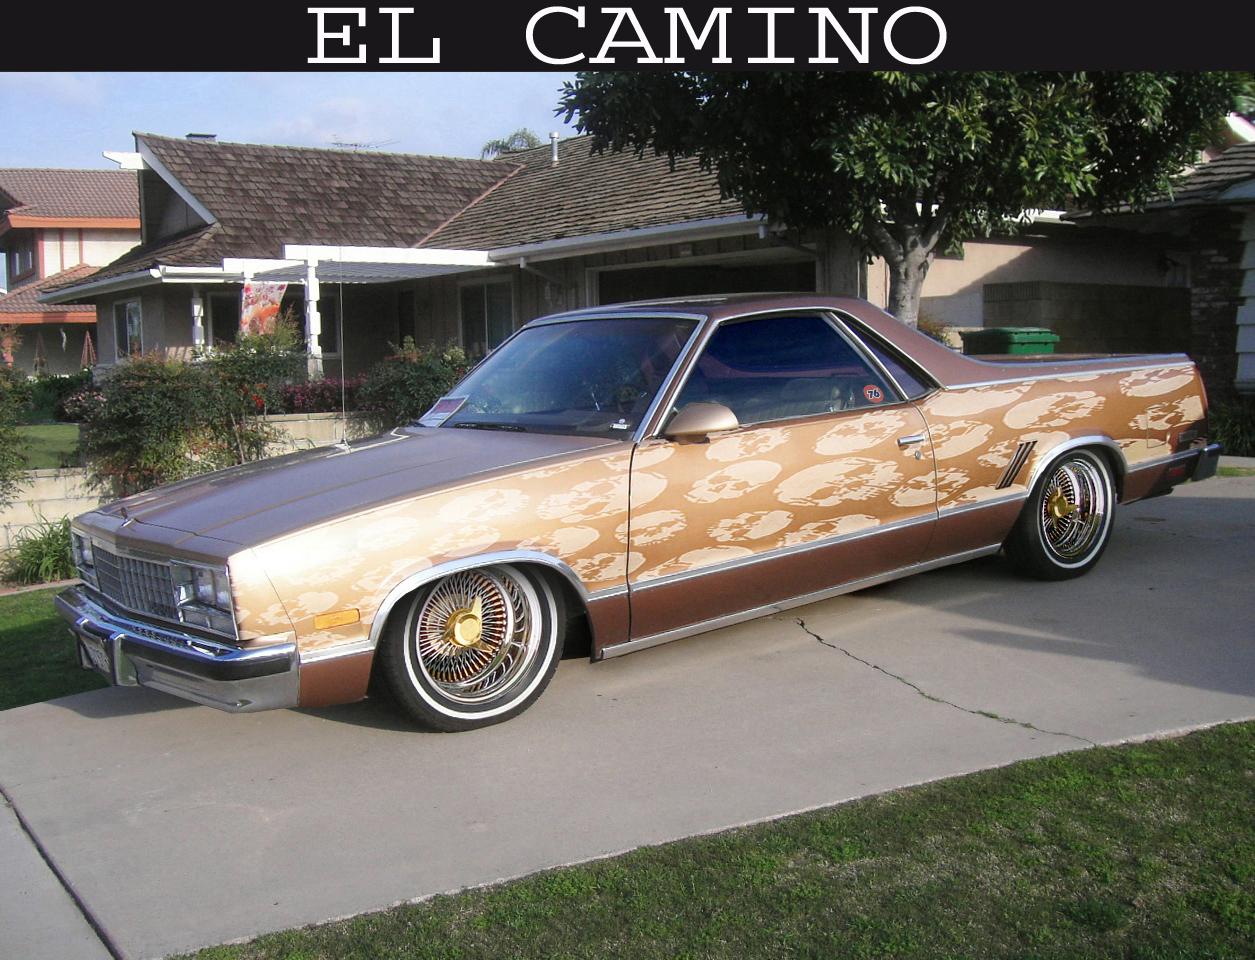 camino : Chevy El Camino Lowrideron 1979 Chevy El Camino Engine